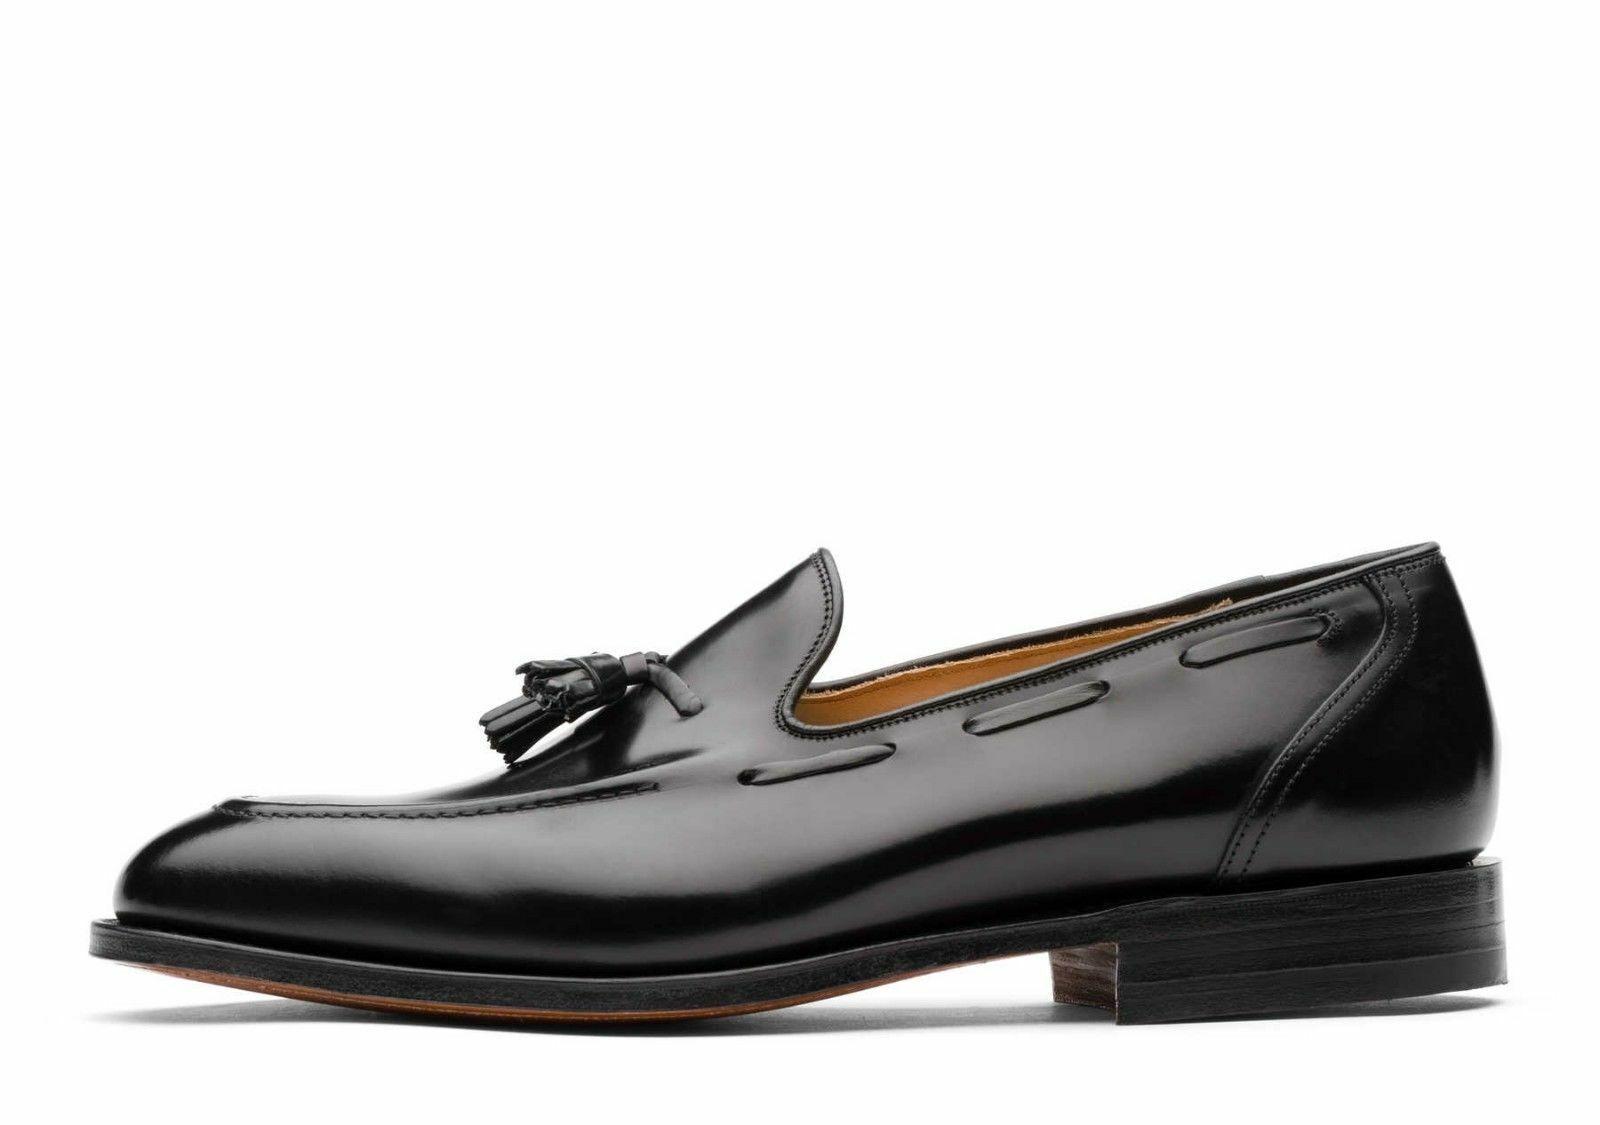 Para Hombres Cuero Zapatos Mocasines Con Borlas Hecho a Mano Negro Clásico Mocasín Slip On